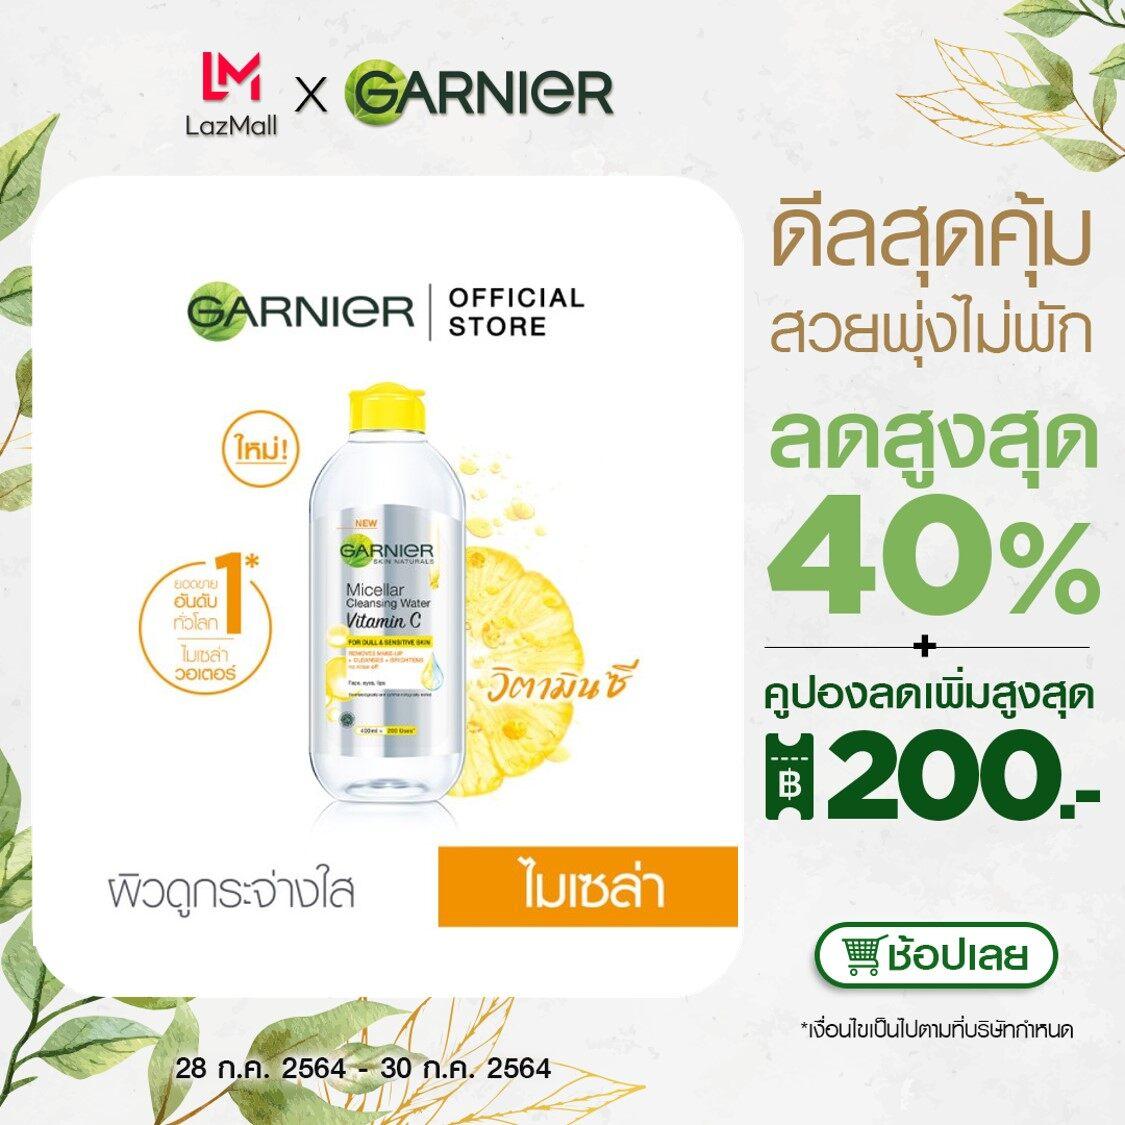 การ์นิเย่ ไมเซล่า คลีนซิ่ง วอเตอร์ วิตามินซี 400 มล. Garnier Micellar Cleansing Water Vitamin C 400ml ล้างเครื่องสำอาง.